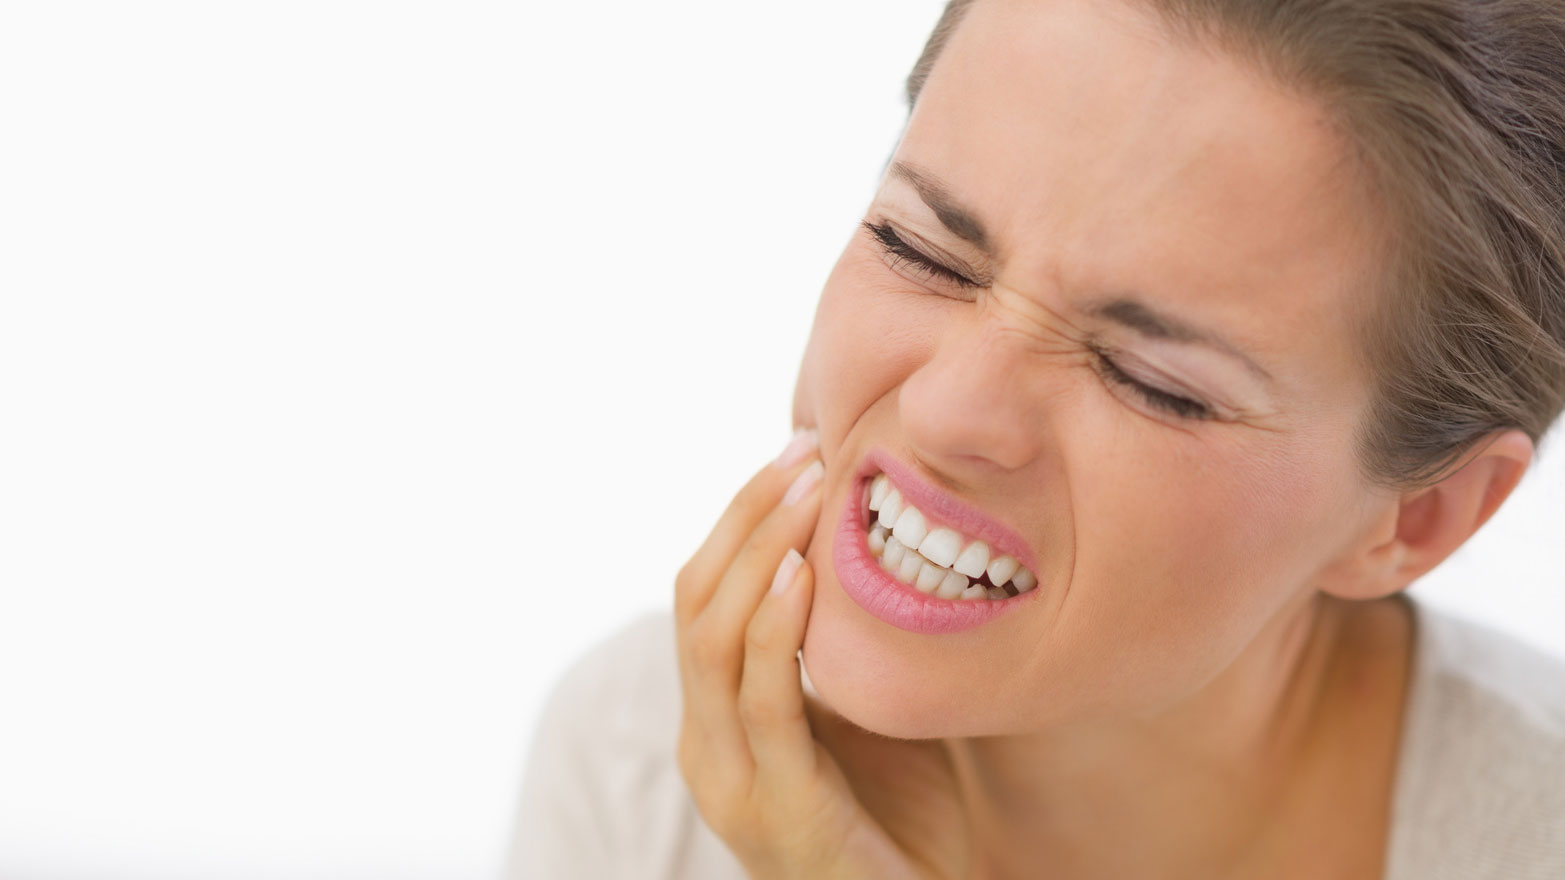 у меня зуб болит фото для